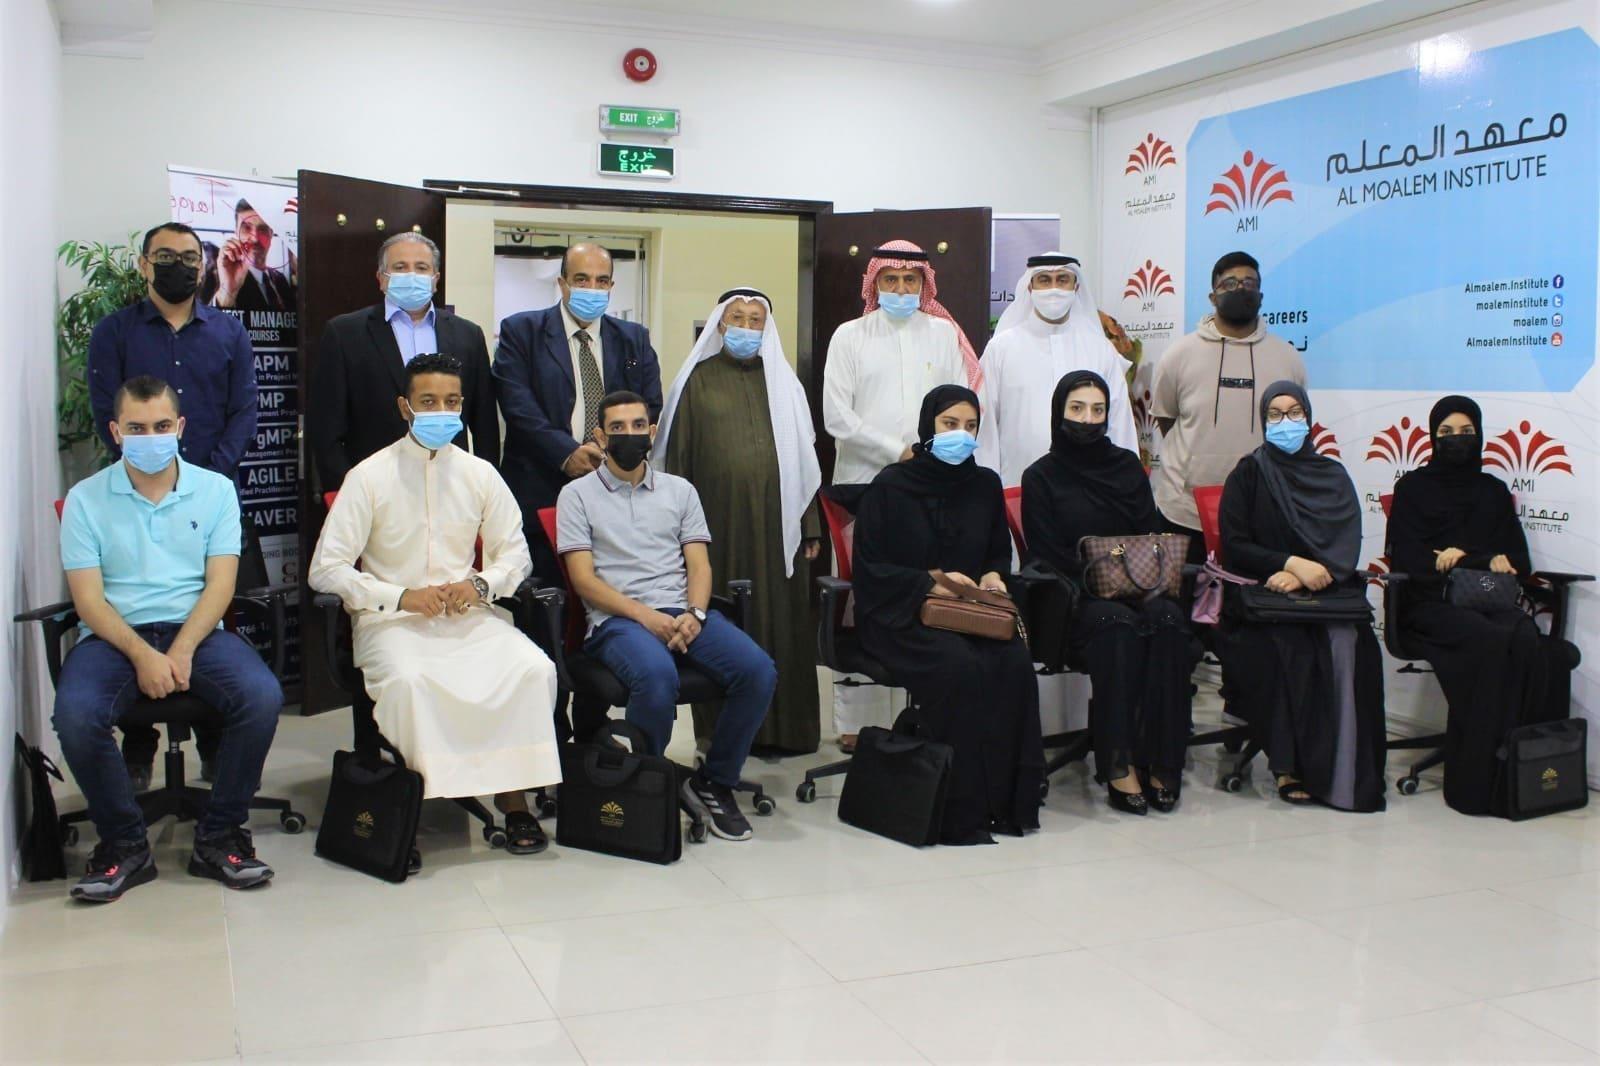 الأهلية وبالتعاون مع معهد المعلم تطلق برنامج تدريب وتوظيف مجموعة من المتدربين في وظائف هندسية